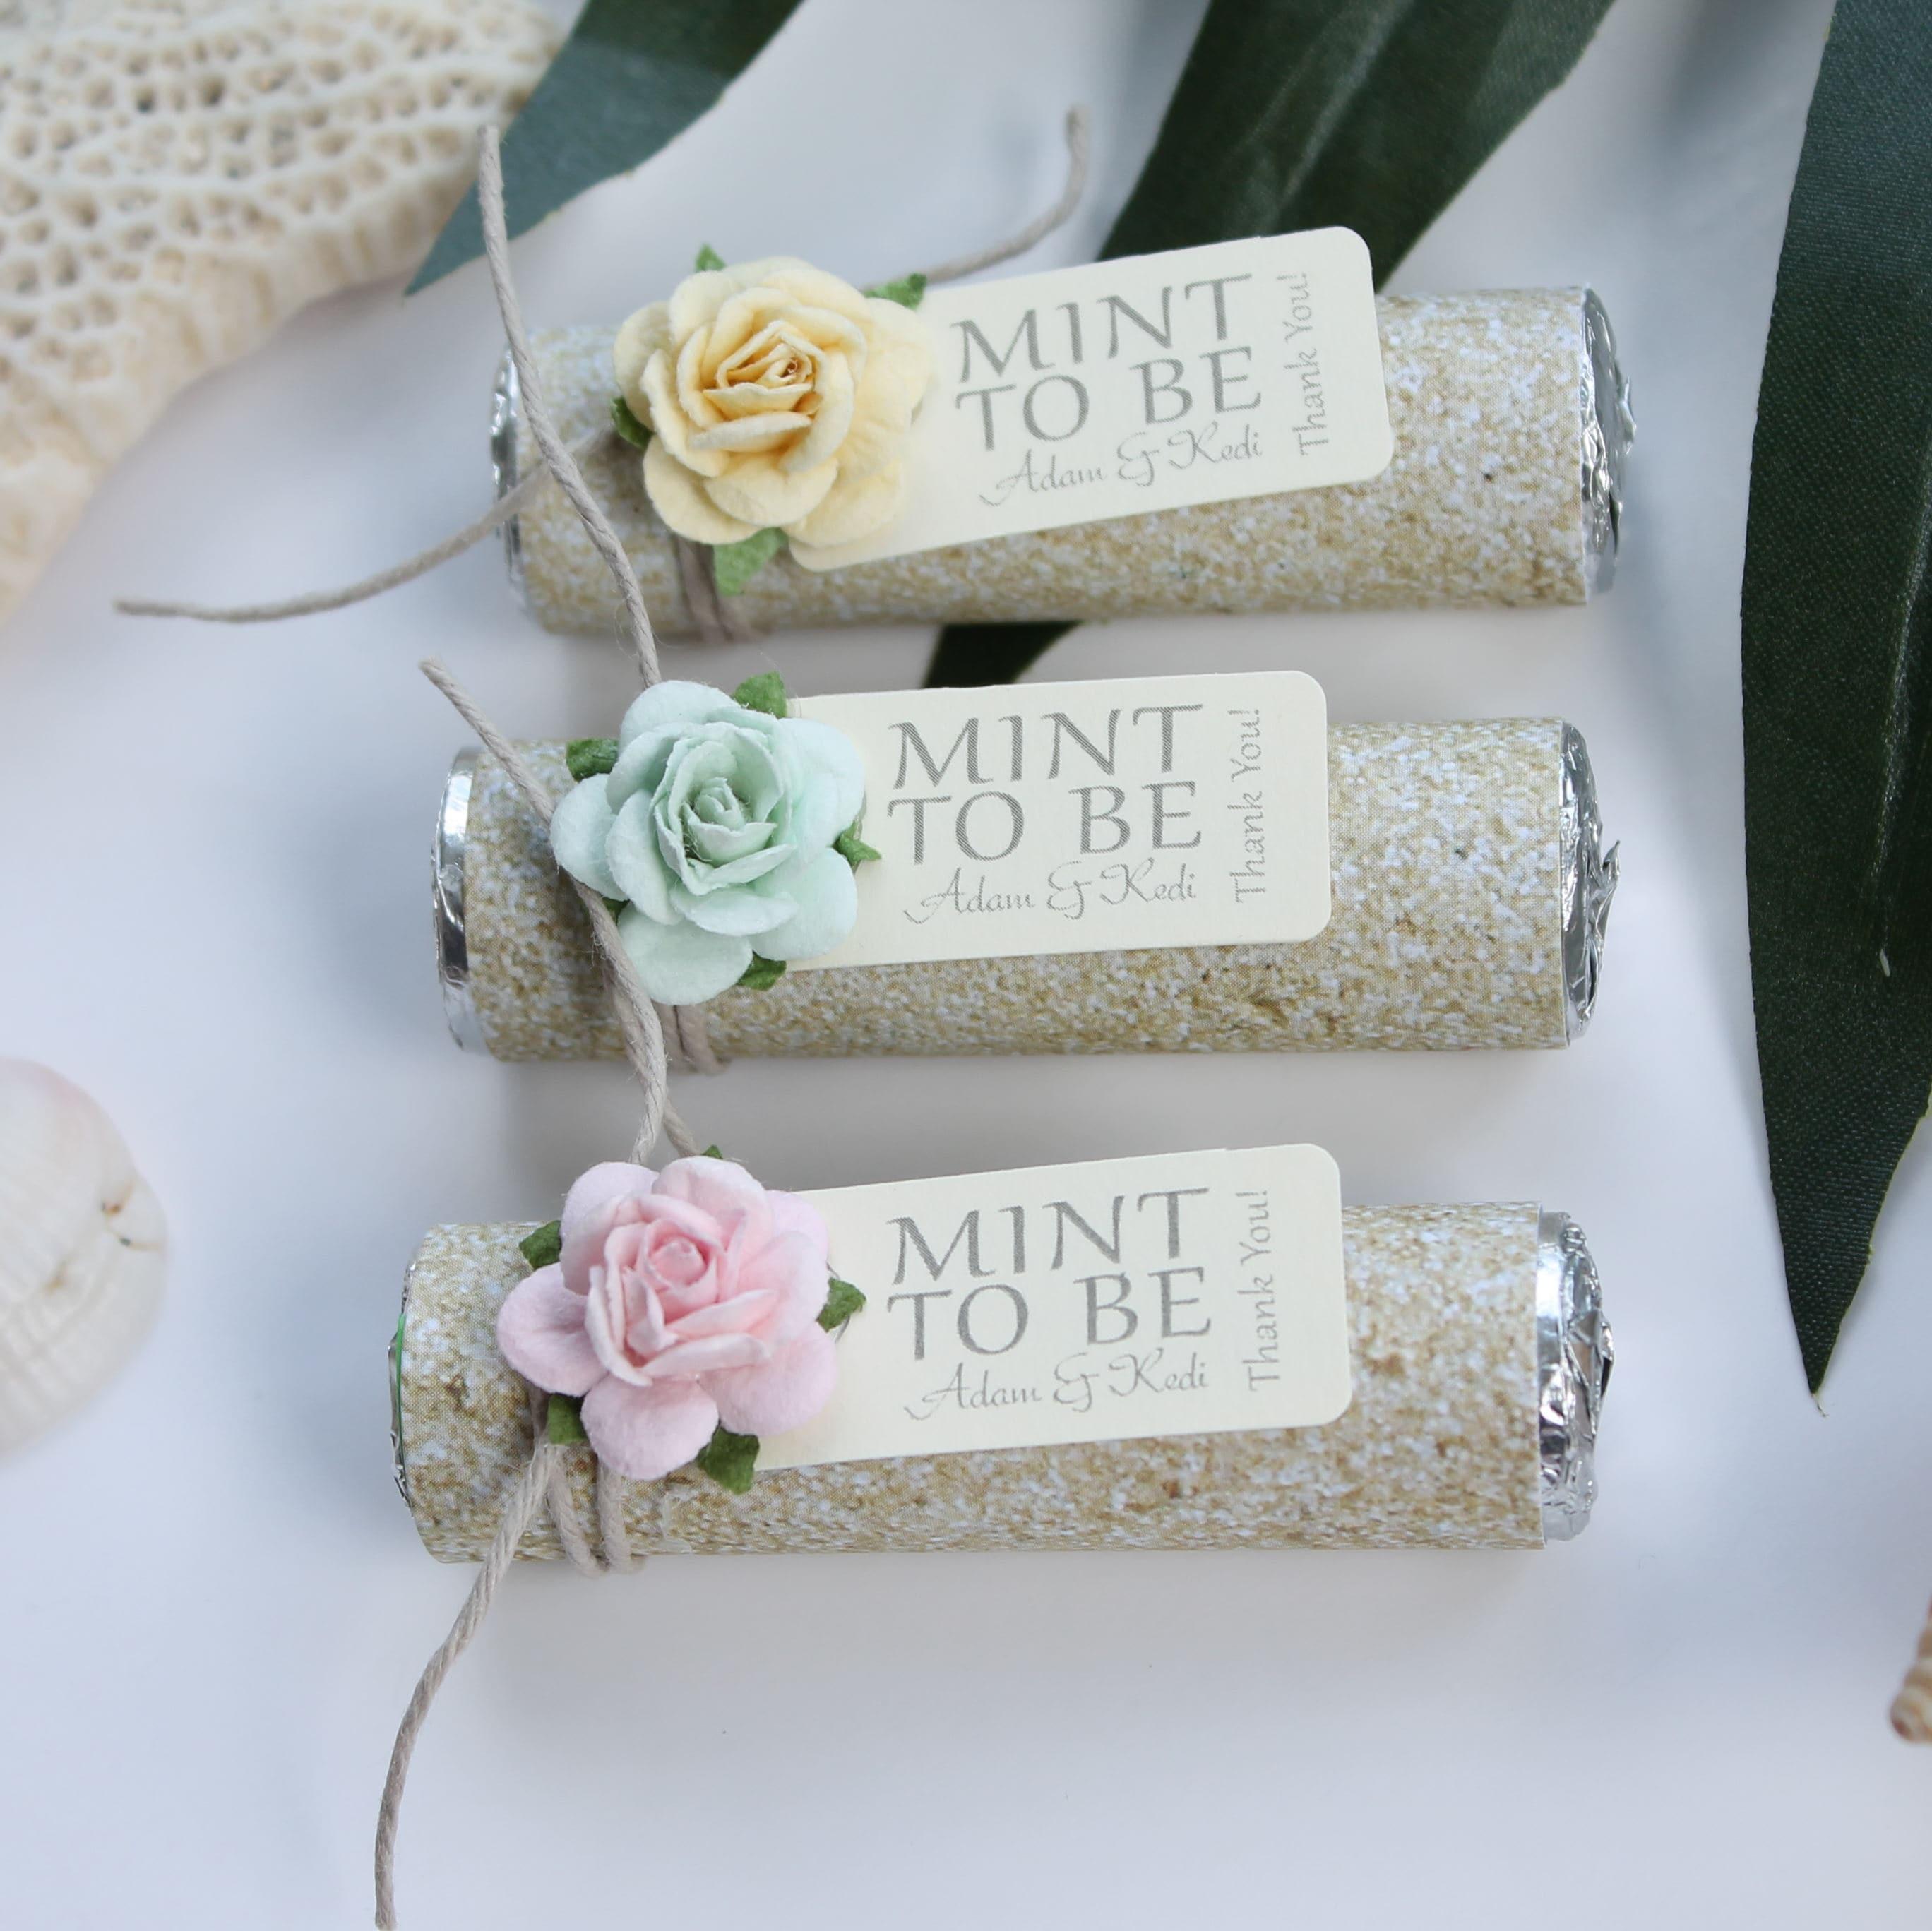 Beach Wedding Favors: Destination Wedding Favors Beach Wedding Mint To Be